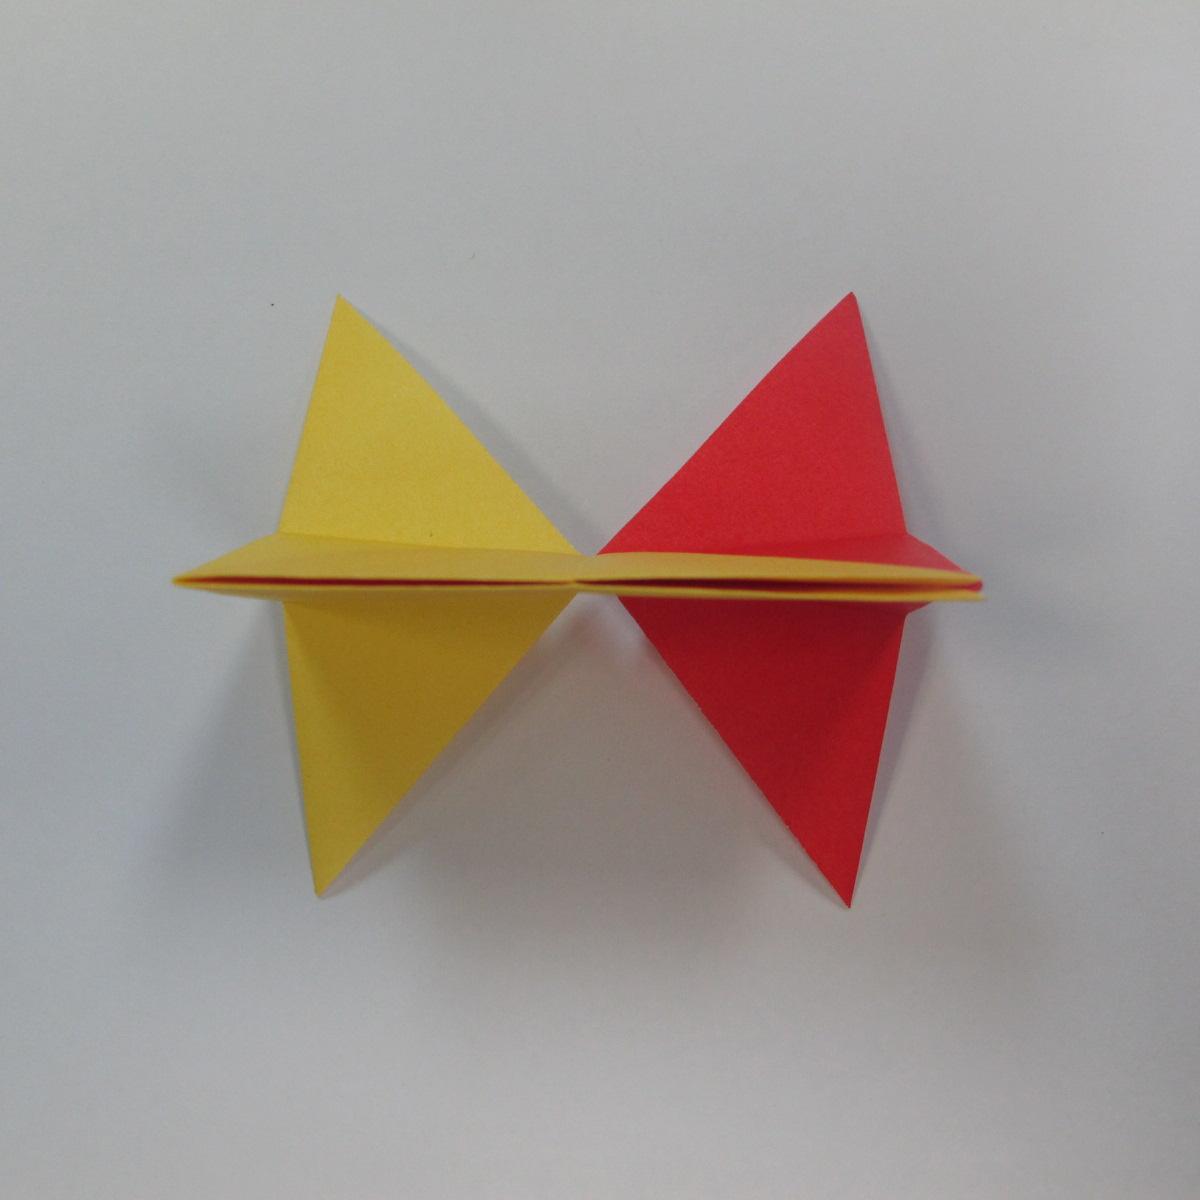 วิธีการพับกระดาษเป็นดาวหกแฉกแบบโมดูล่า 011